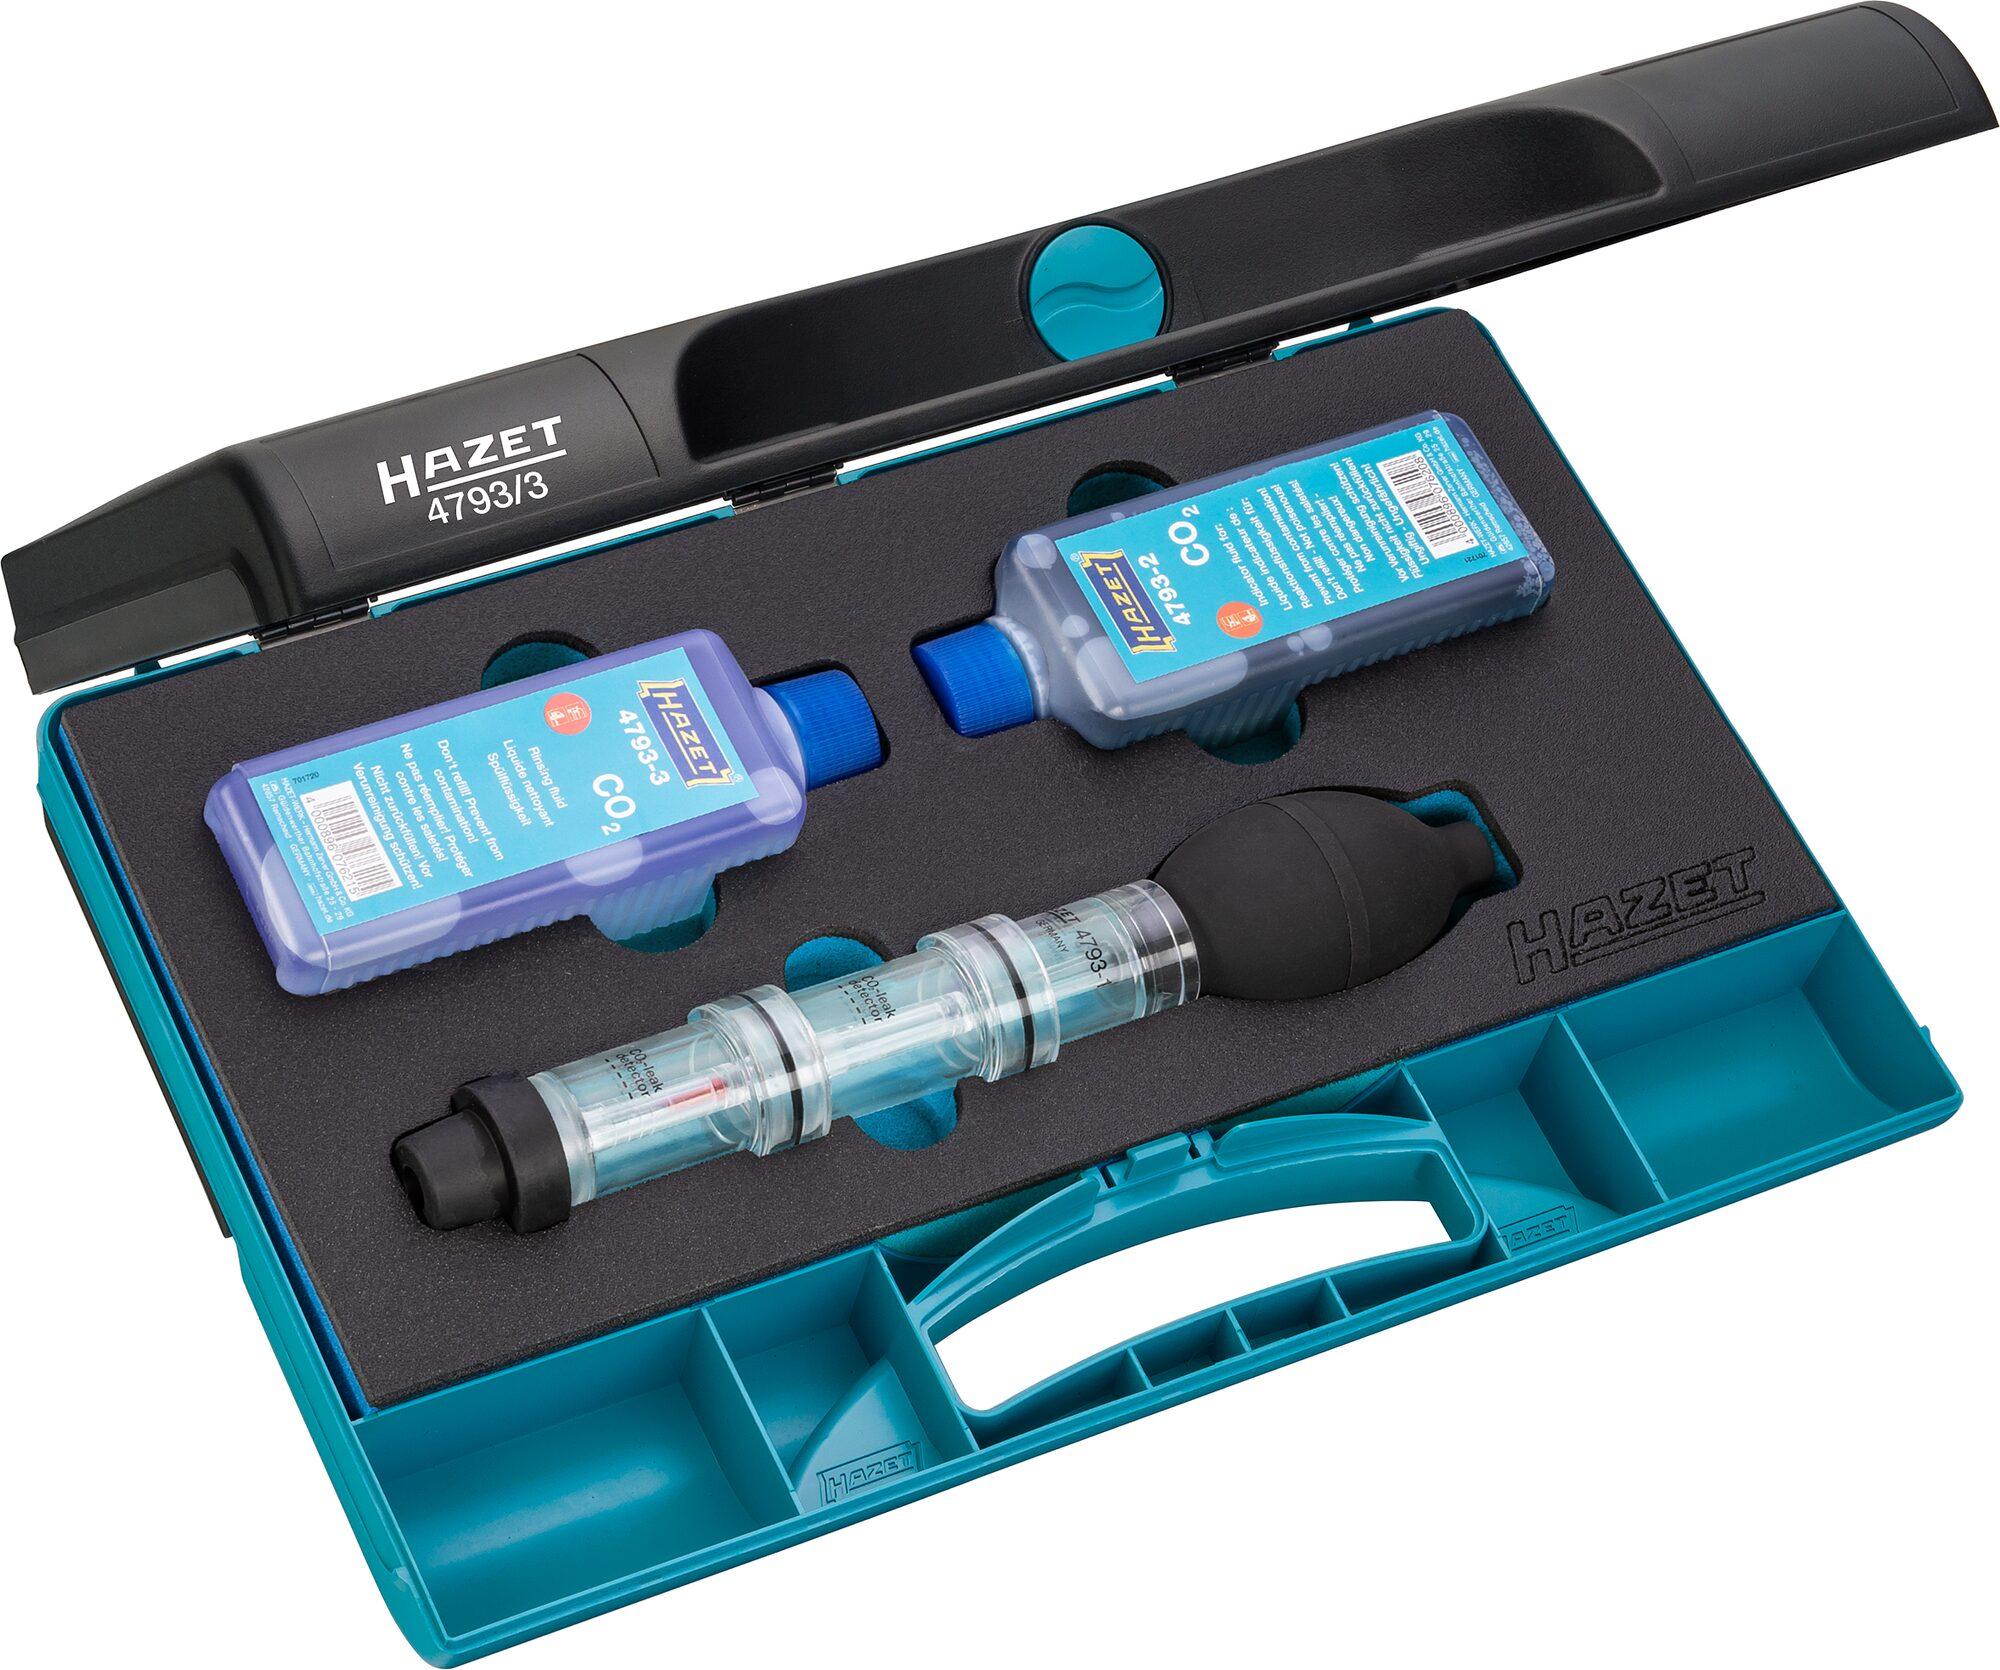 HAZET Zylinderkopf Dichtigkeits-Prüfgerät 4793/3 ∙ Anzahl Werkzeuge: 3